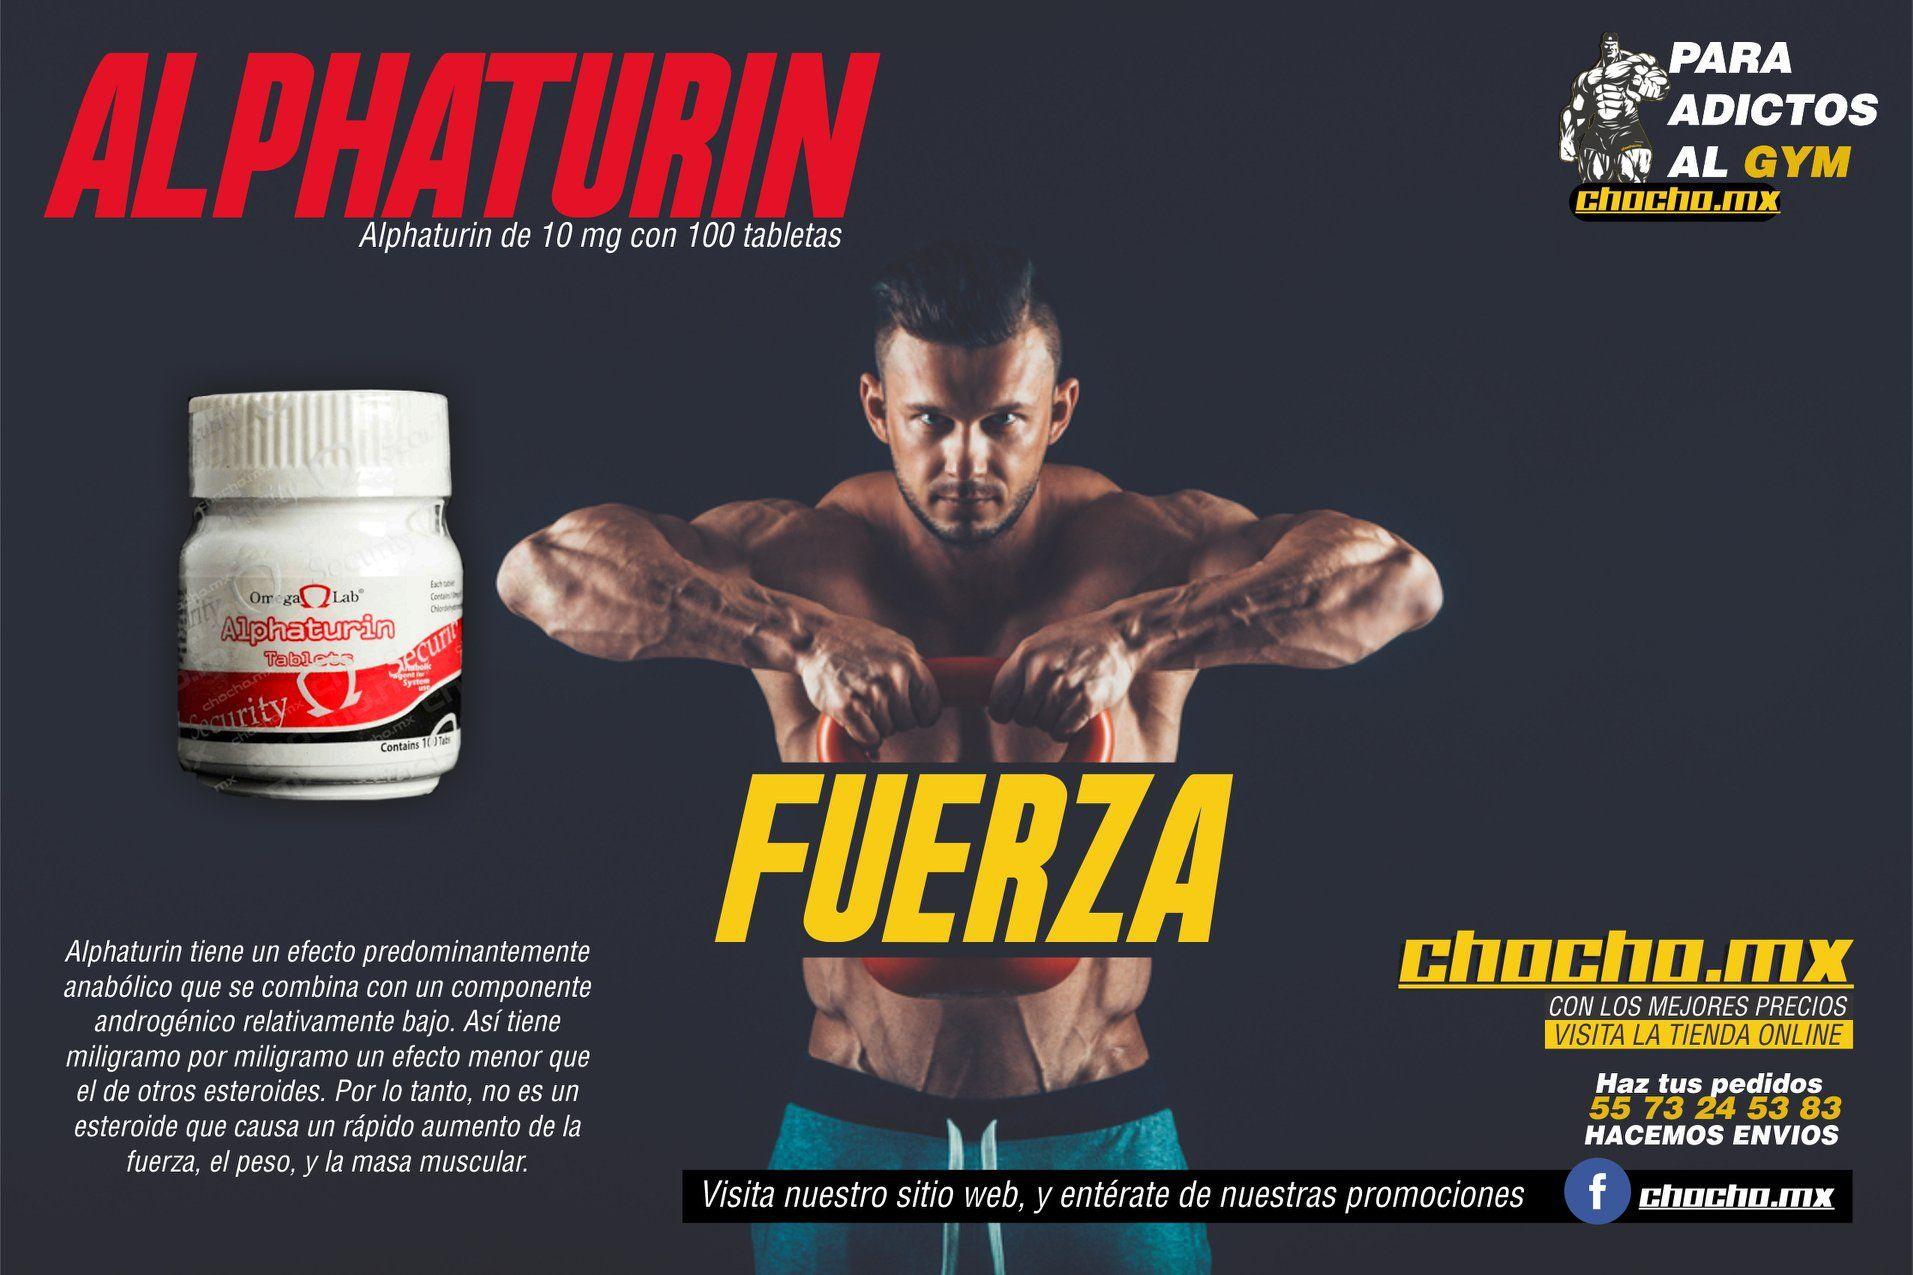 ALPHATURIN - Aumento del músculo sólido y buena ganancia de